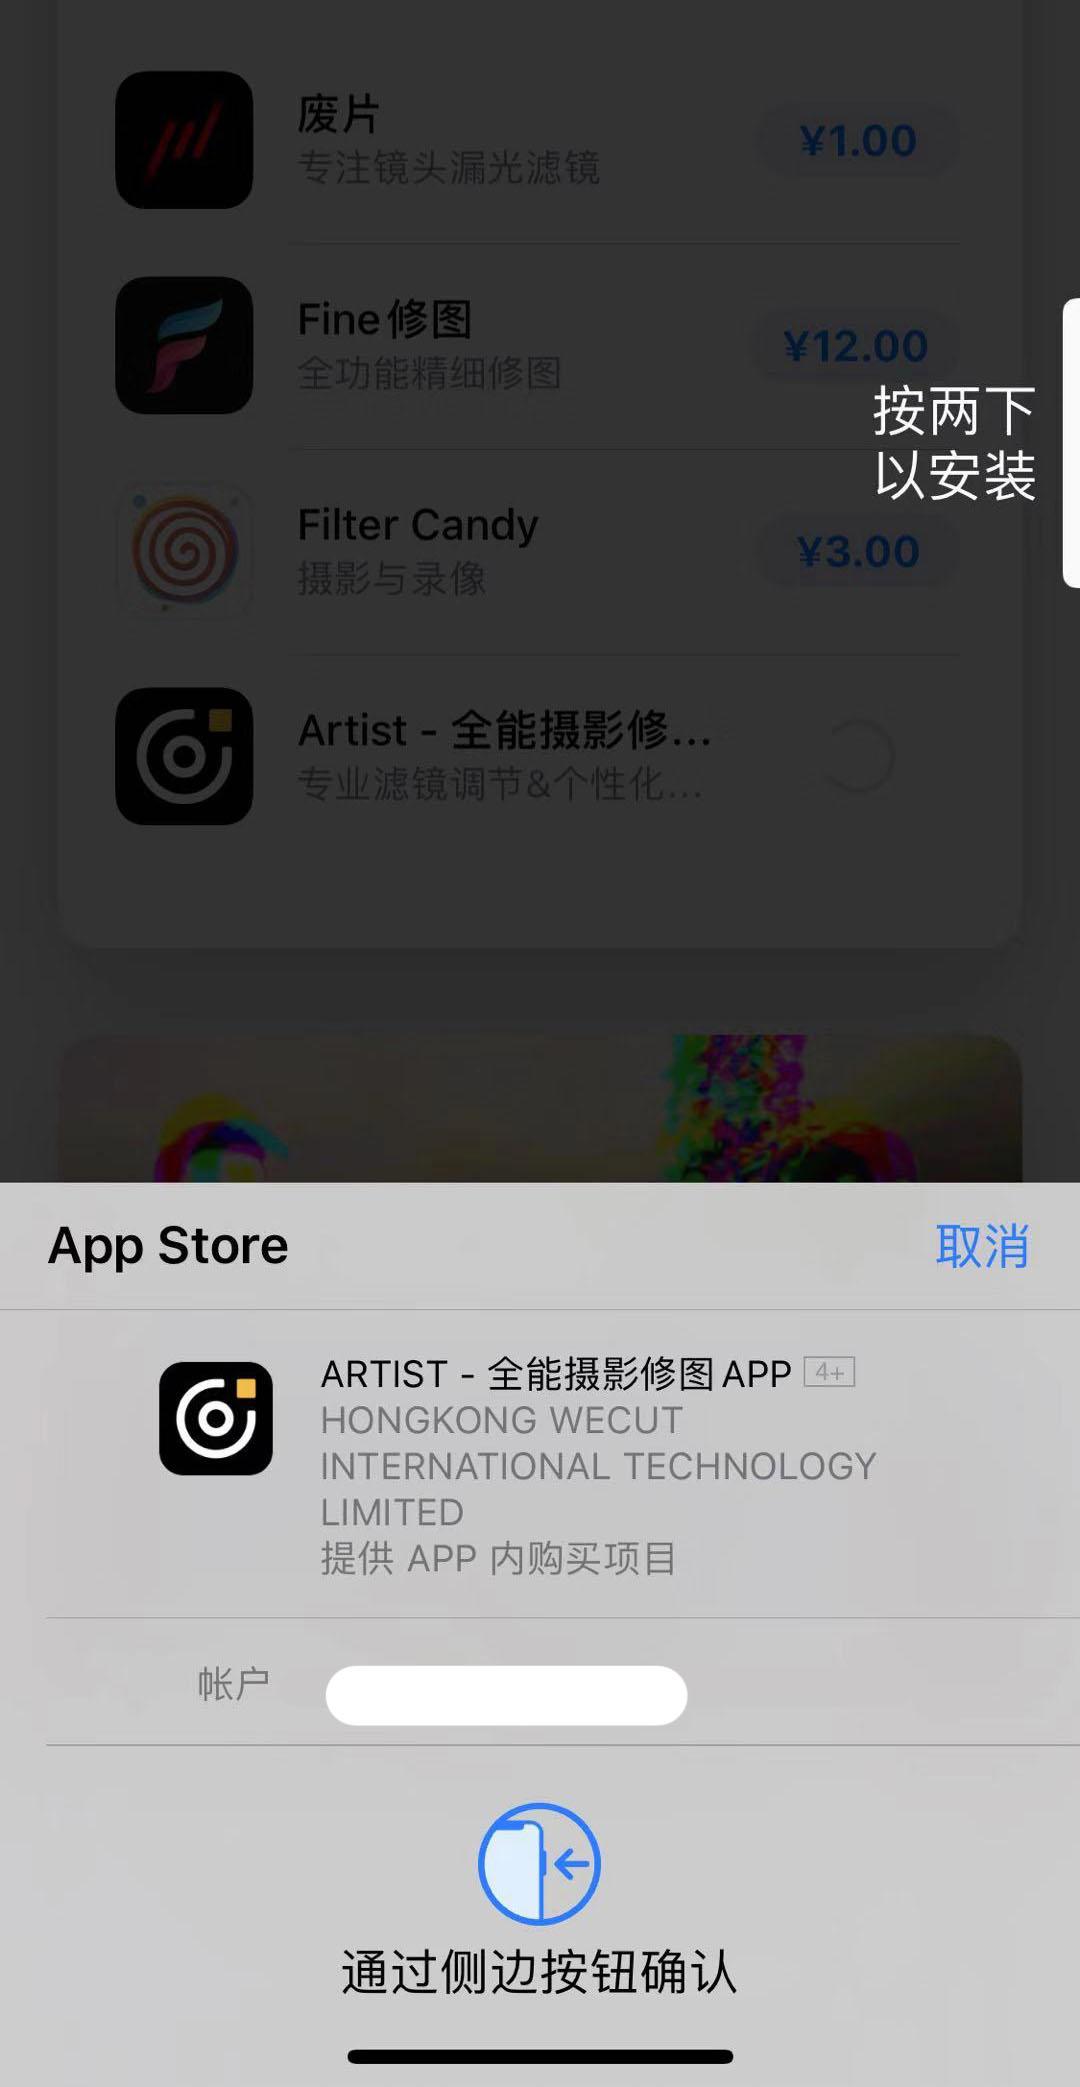 iPhone 11 如何使用面容 ID 快速验证并下载应用?